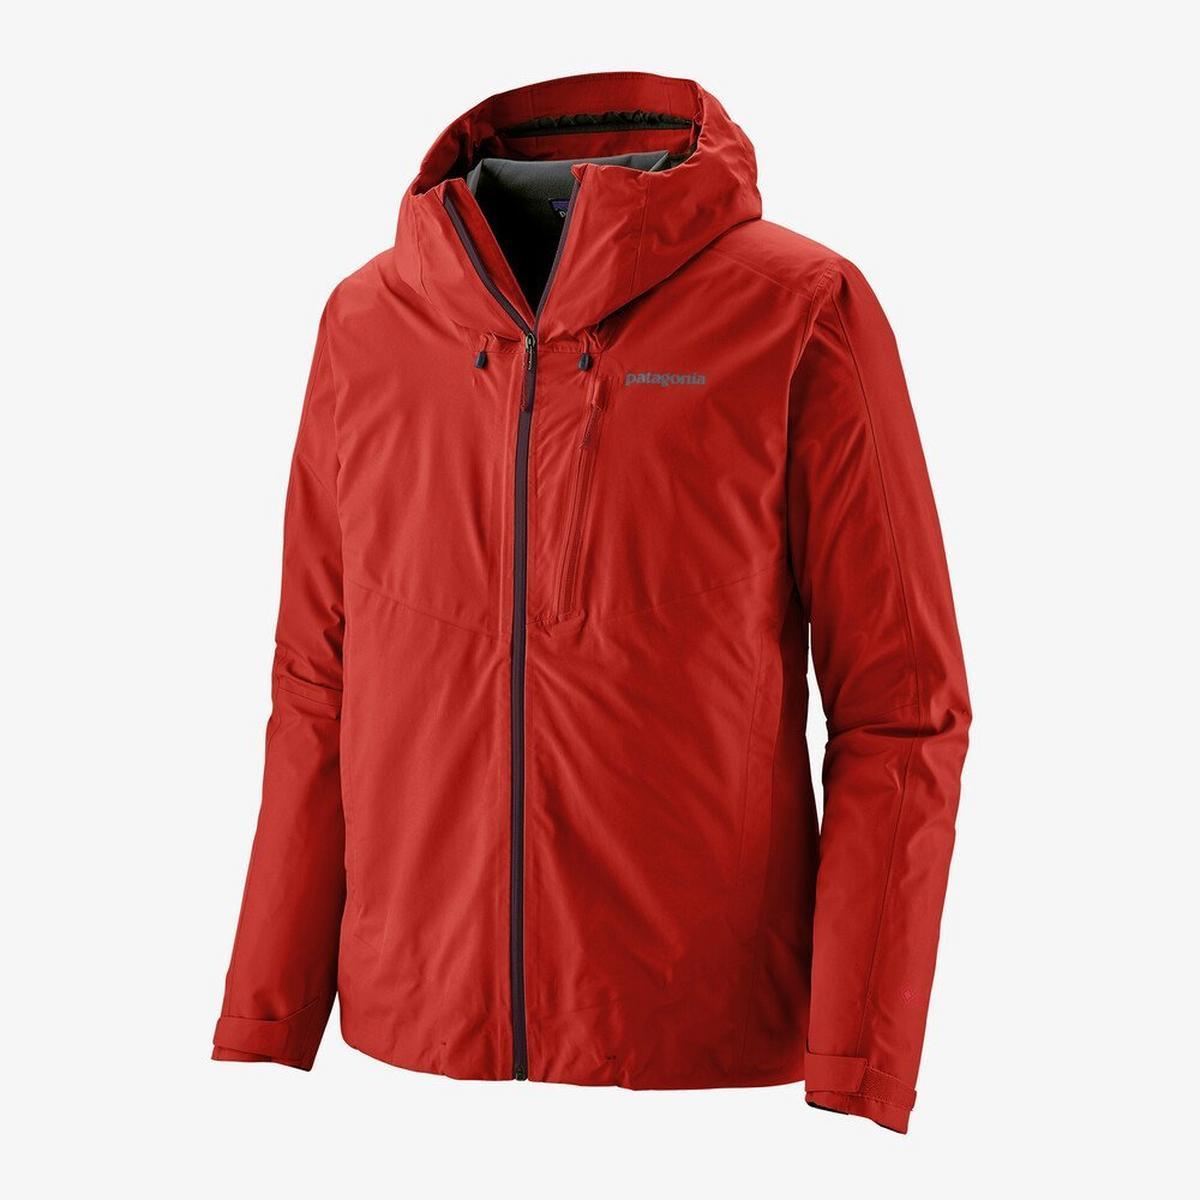 Patagonia Men's Caclite Jacket - Hot Ember